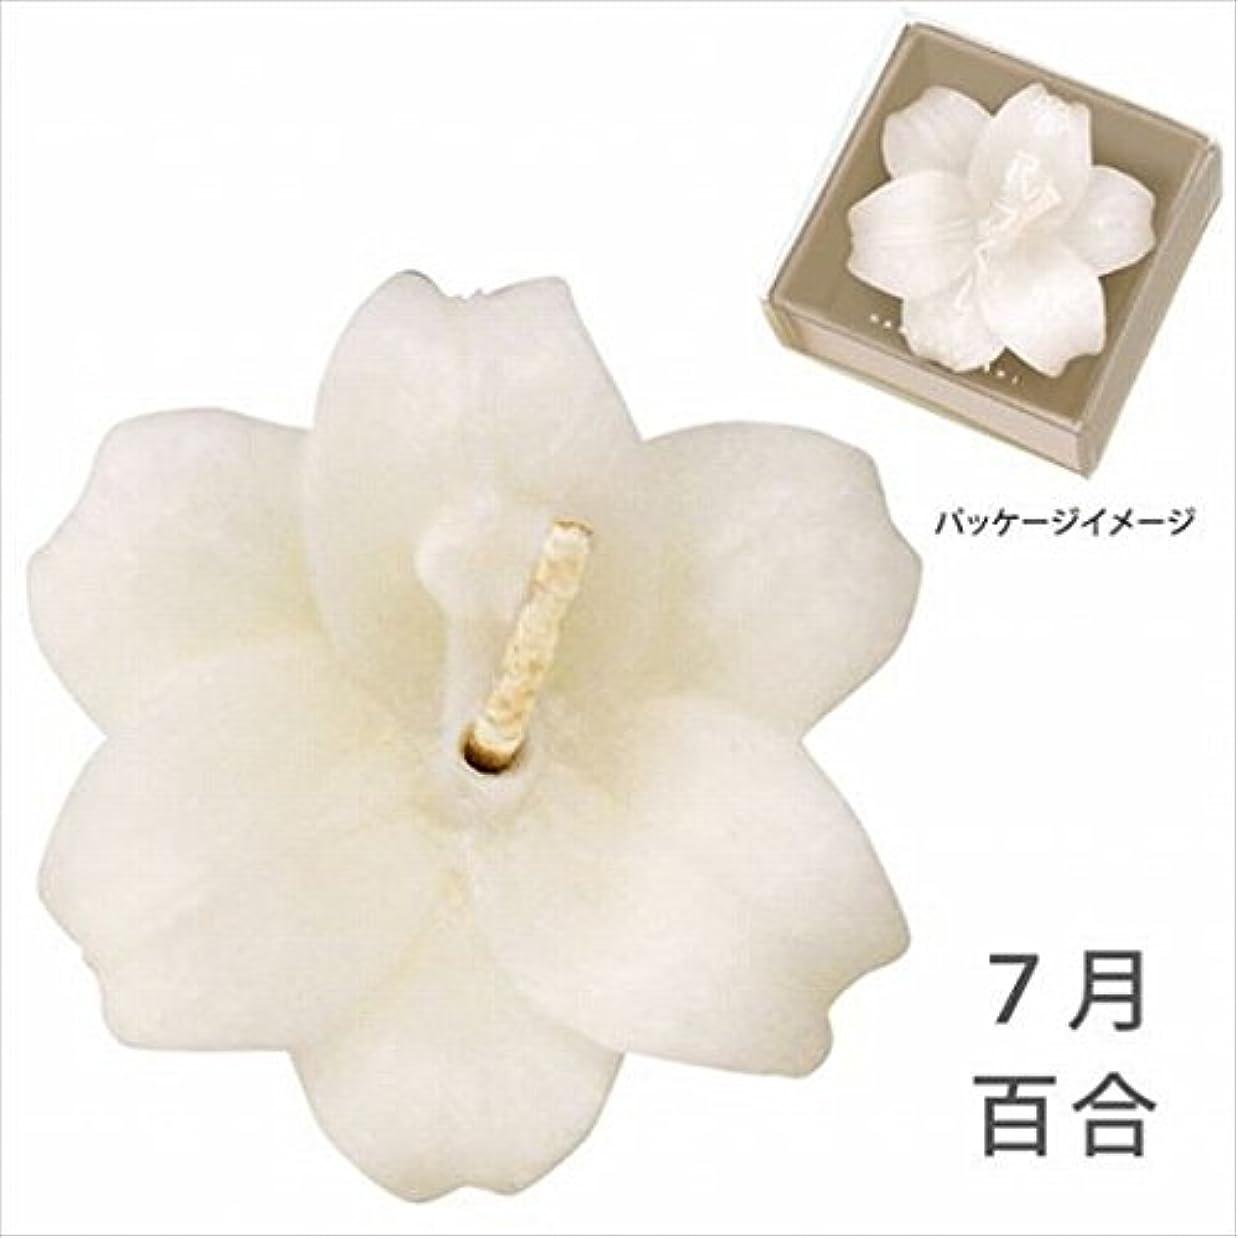 脱獄同行彼らカメヤマキャンドル(kameyama candle) 花づくし(植物性) 百合 「 百合(7月) 」 キャンドル